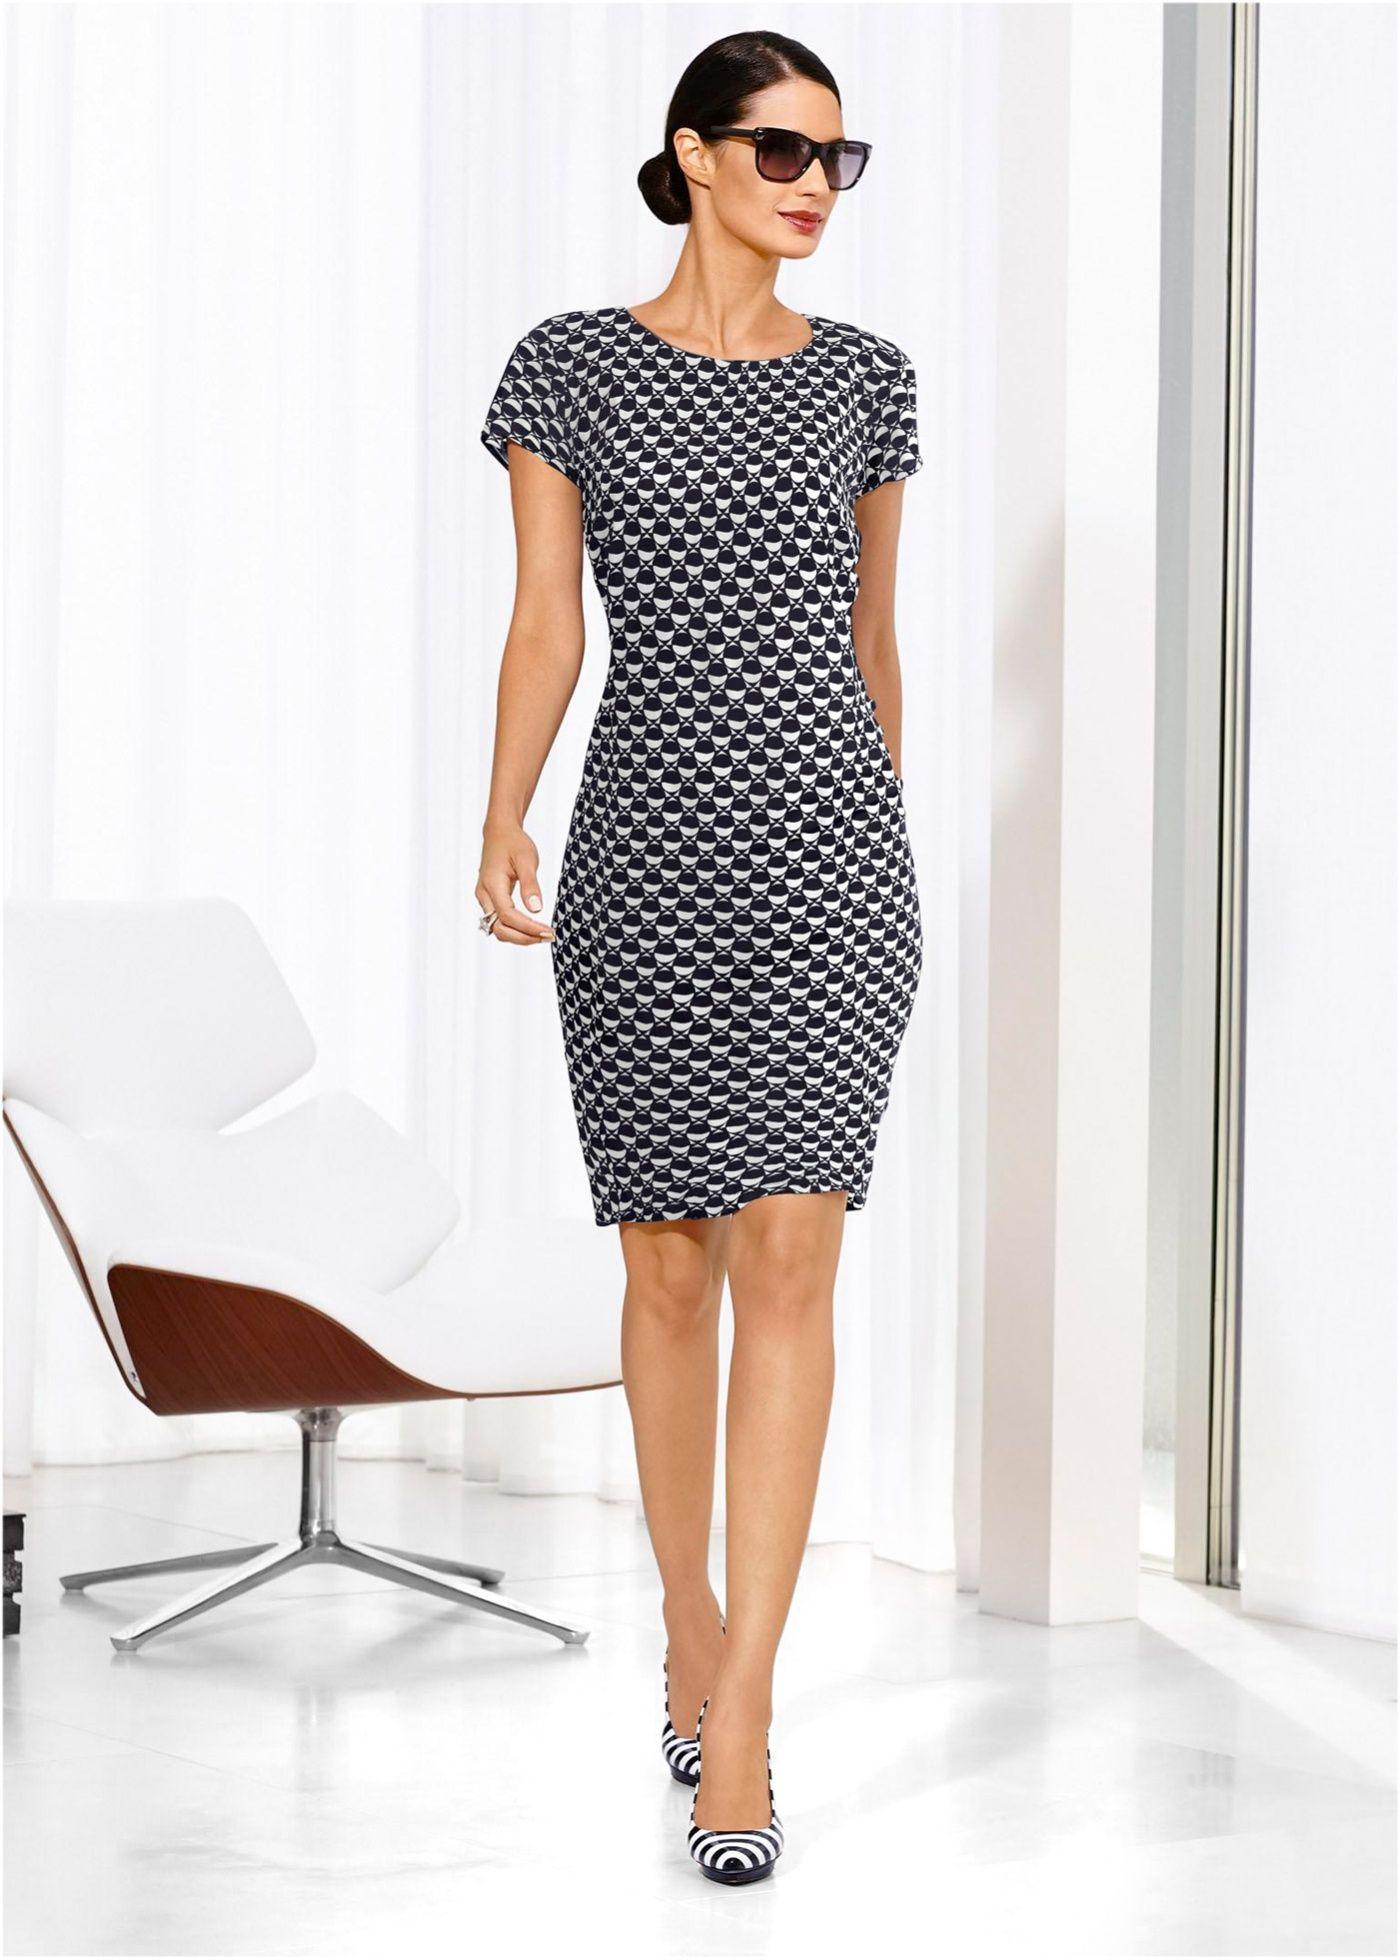 6b3b27a86a Vestido tubinho com estampa geométrica branco preto estampado encomendar  agora na loja on-line bonprix.com.br R  149